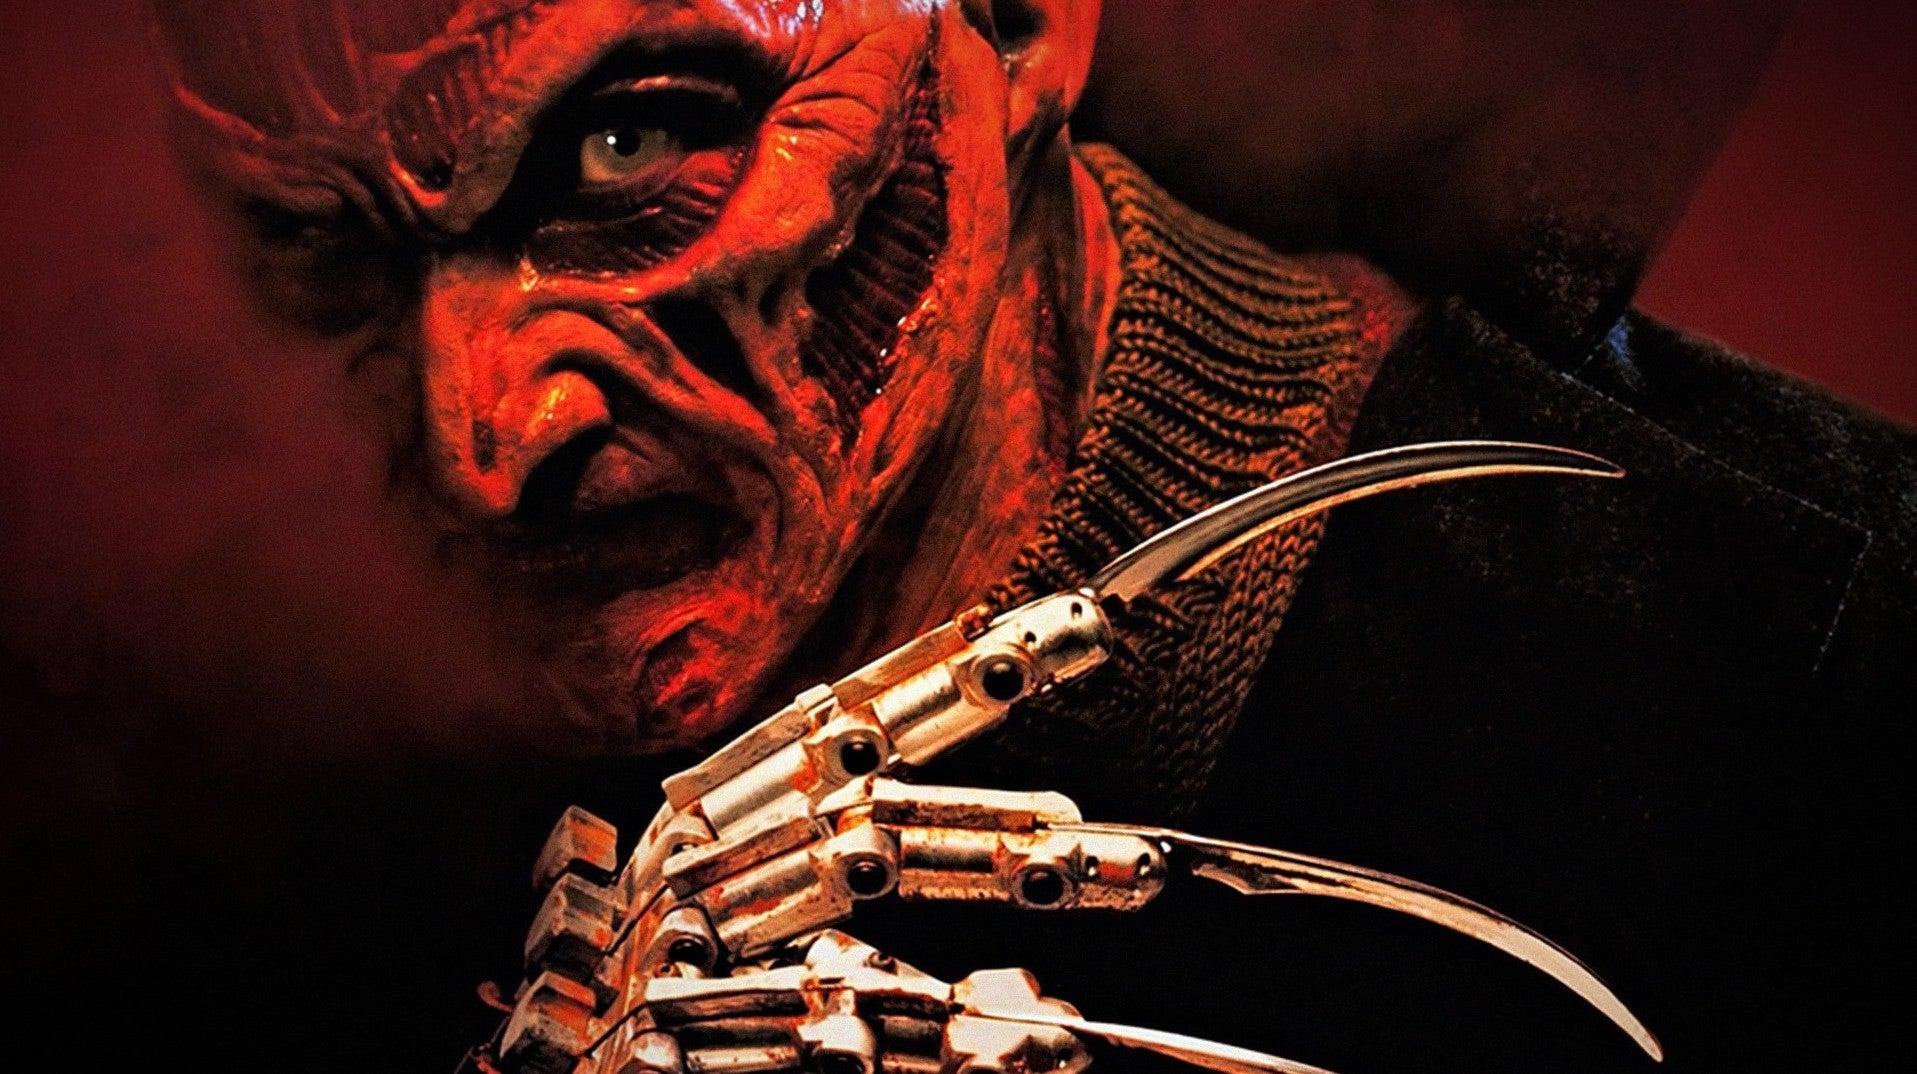 O Novo Pesadelo de Freddy Krueger